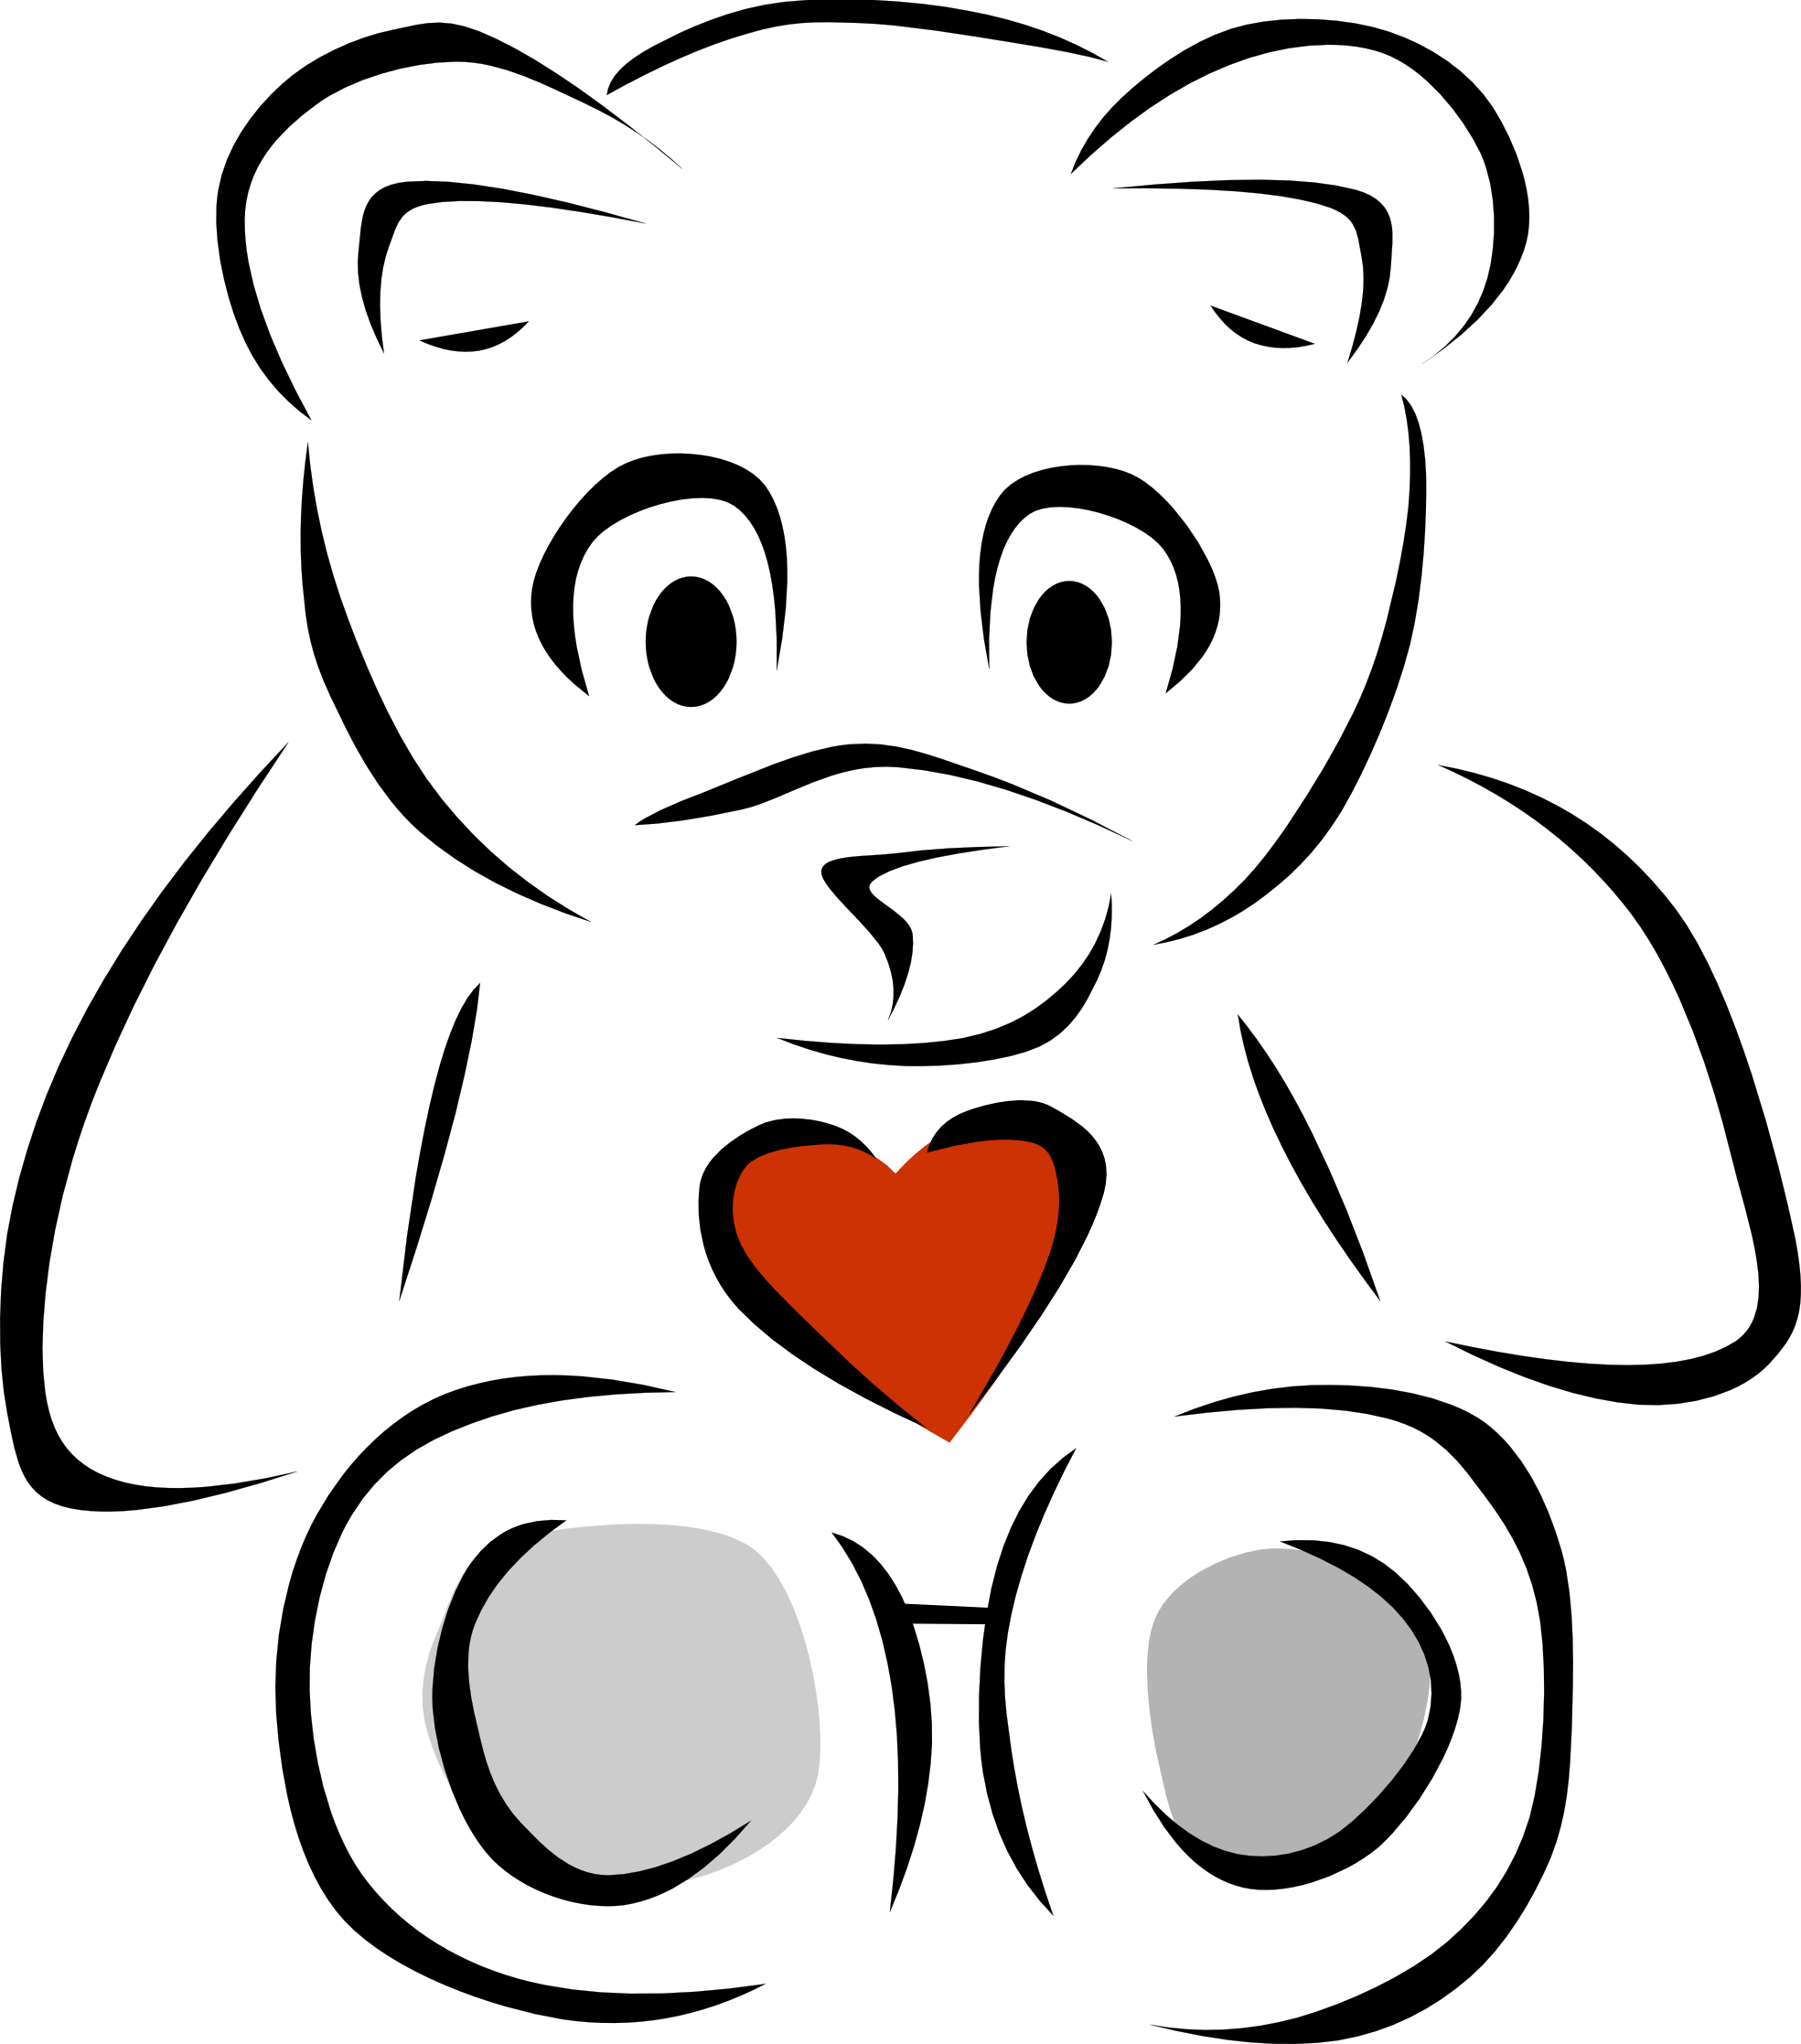 Teddy bear clipart heart